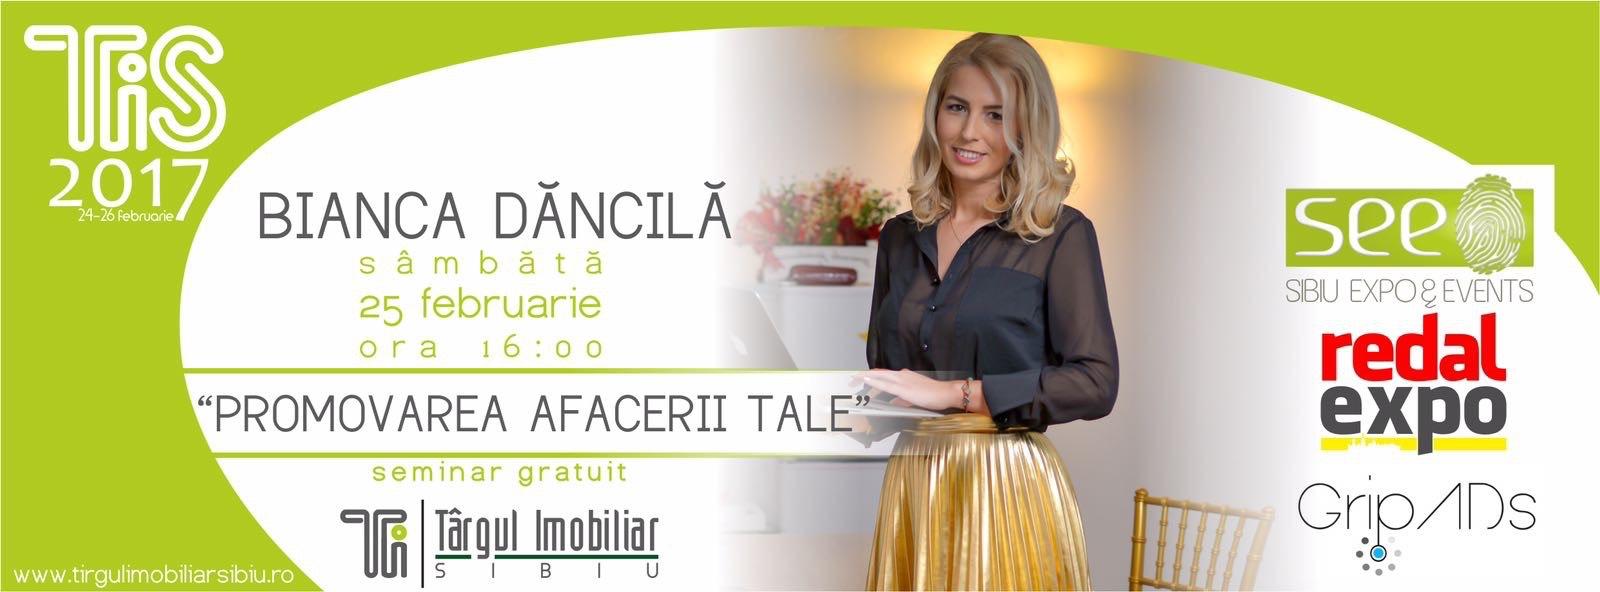 Promovarea afacerii tale - Workshop la Targul Imobiliar Sibiu